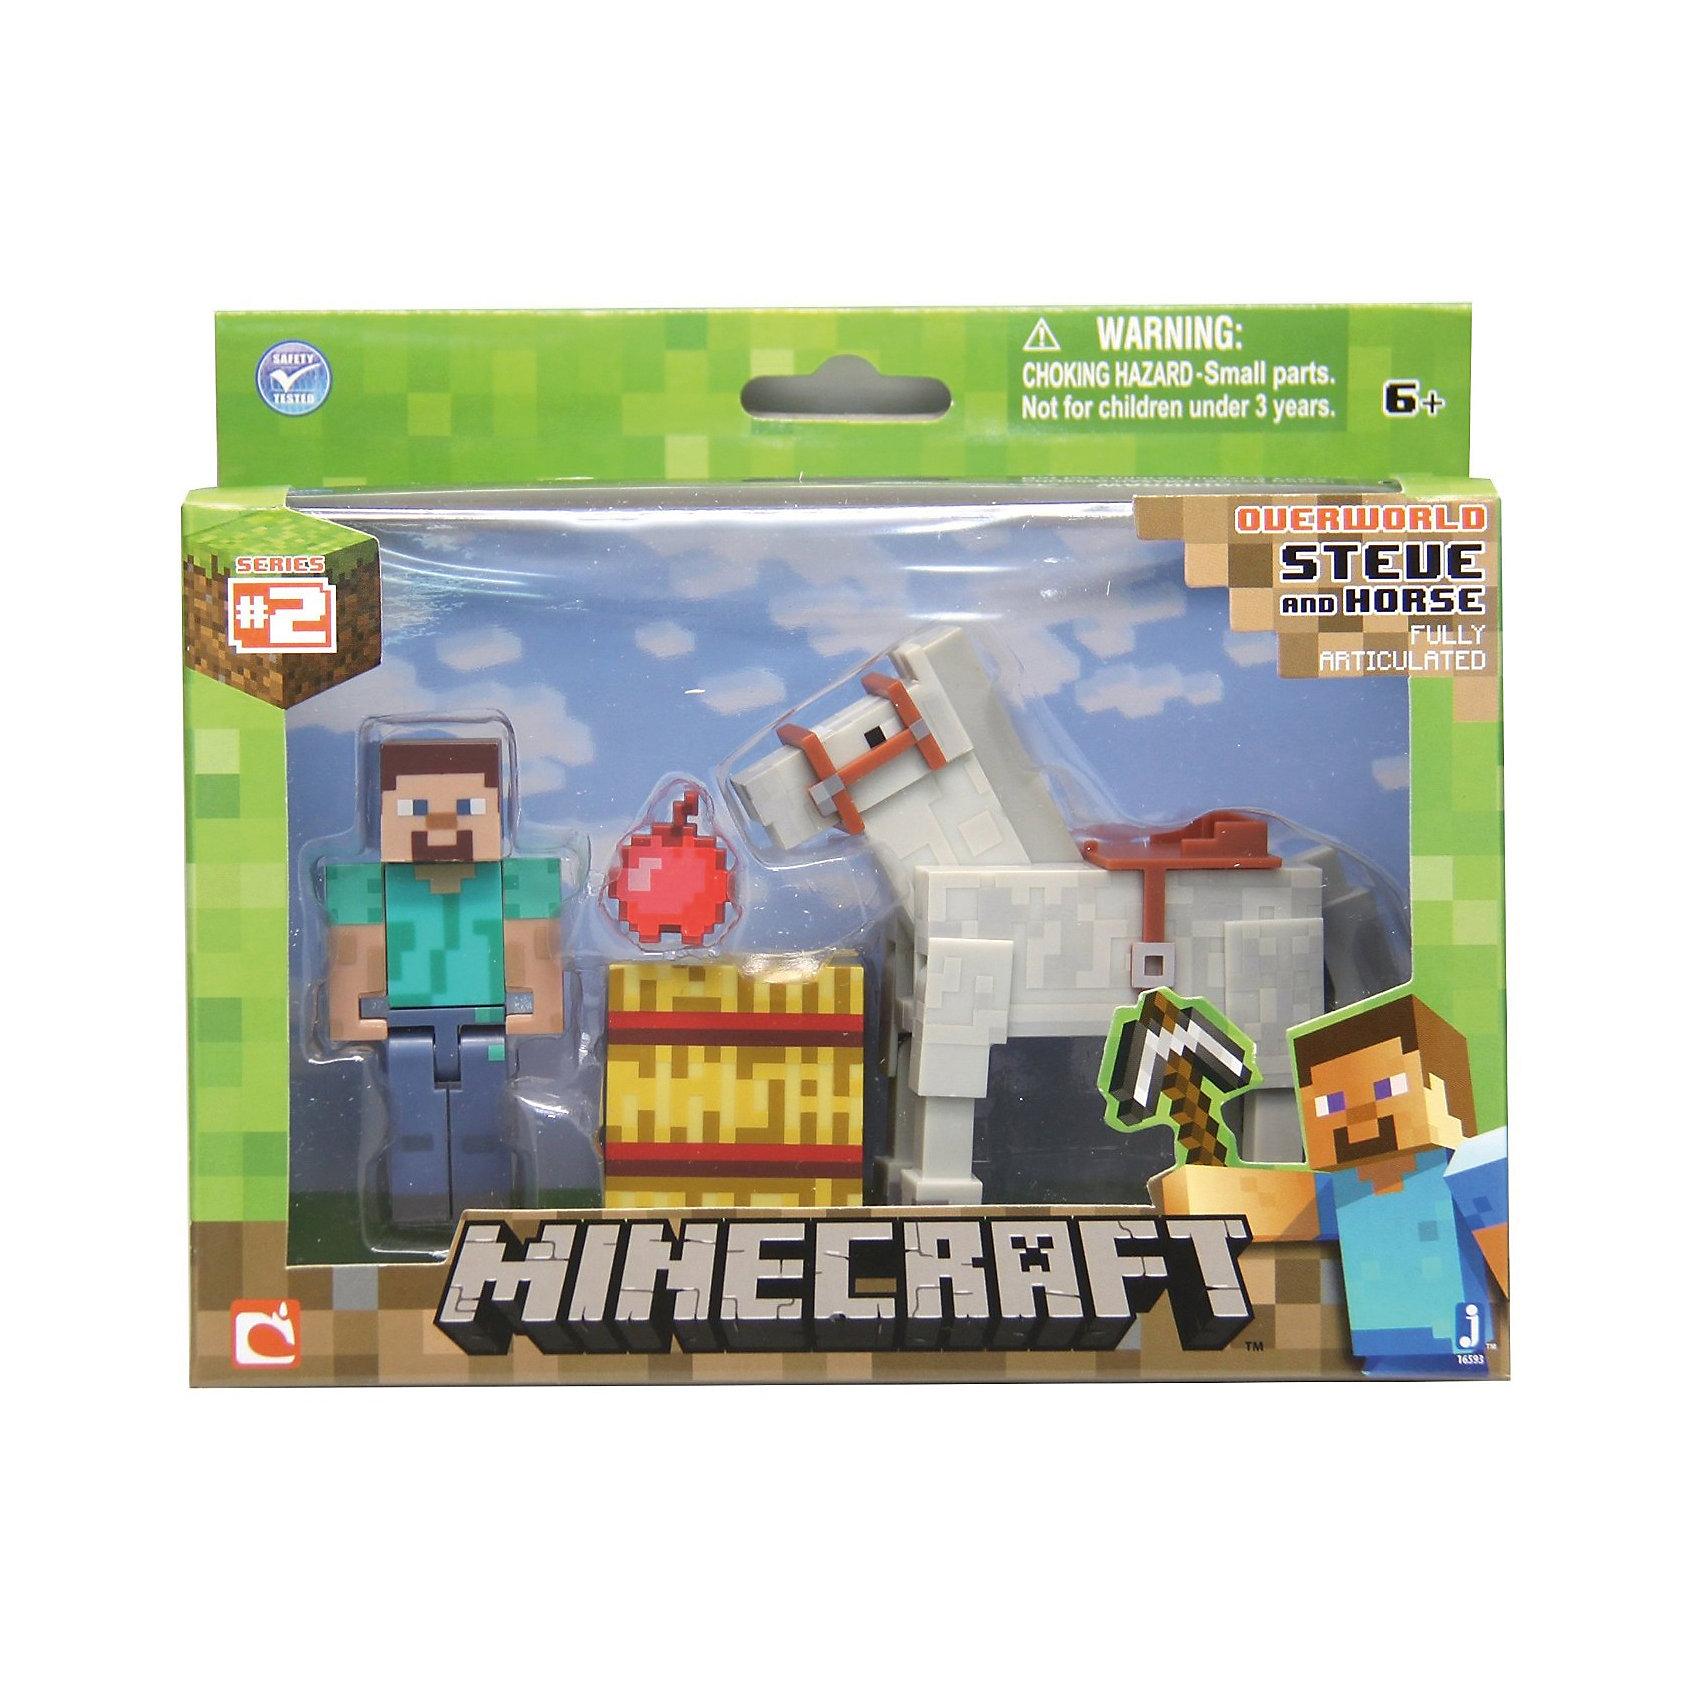 Игровой набор Стив с лошадью, MinecraftКоллекционные и игровые фигурки<br>Игровой набор Стив с лошадью, Minecraft – это прекрасный подарок для поклонника популярной игры Minecraft.<br>Игровой набор Стив с лошадью приведет в восторг поклонников компьютерной игры Minecraft. Теперь ваш ребенок сможет отвлечься от компьютера или планшета, не отрываясь от любимой забавы! Выполненный из высококачественного пластика, комплект включает подвижные фигурки Стива и лошади, а также элементы фантастического мира – пиксельный куб сена, яблоко. Голова, руки и ноги фигурок подвижны, что позволит придавать им различные позы. Стив может держать в руках различные предметы. Фигурки прекрасно детализированы, реалистично раскрашены.<br><br>Дополнительная информация:<br><br>- В наборе: подвижная фигурка. Стива, белая лошадь, куб, яблоко<br>- Высота фигурки Стива: 7 см.<br>- Высота лошади: 8,5 см.<br>- Материал: пластик<br>- Упаковка: блистер<br>- Размер упаковки: 19х12,7см.<br><br>Игровой набор Стив с лошадью, Minecraft можно купить в нашем интернет-магазине.<br><br>Ширина мм: 145<br>Глубина мм: 50<br>Высота мм: 175<br>Вес г: 150<br>Возраст от месяцев: 72<br>Возраст до месяцев: 144<br>Пол: Унисекс<br>Возраст: Детский<br>SKU: 4655079